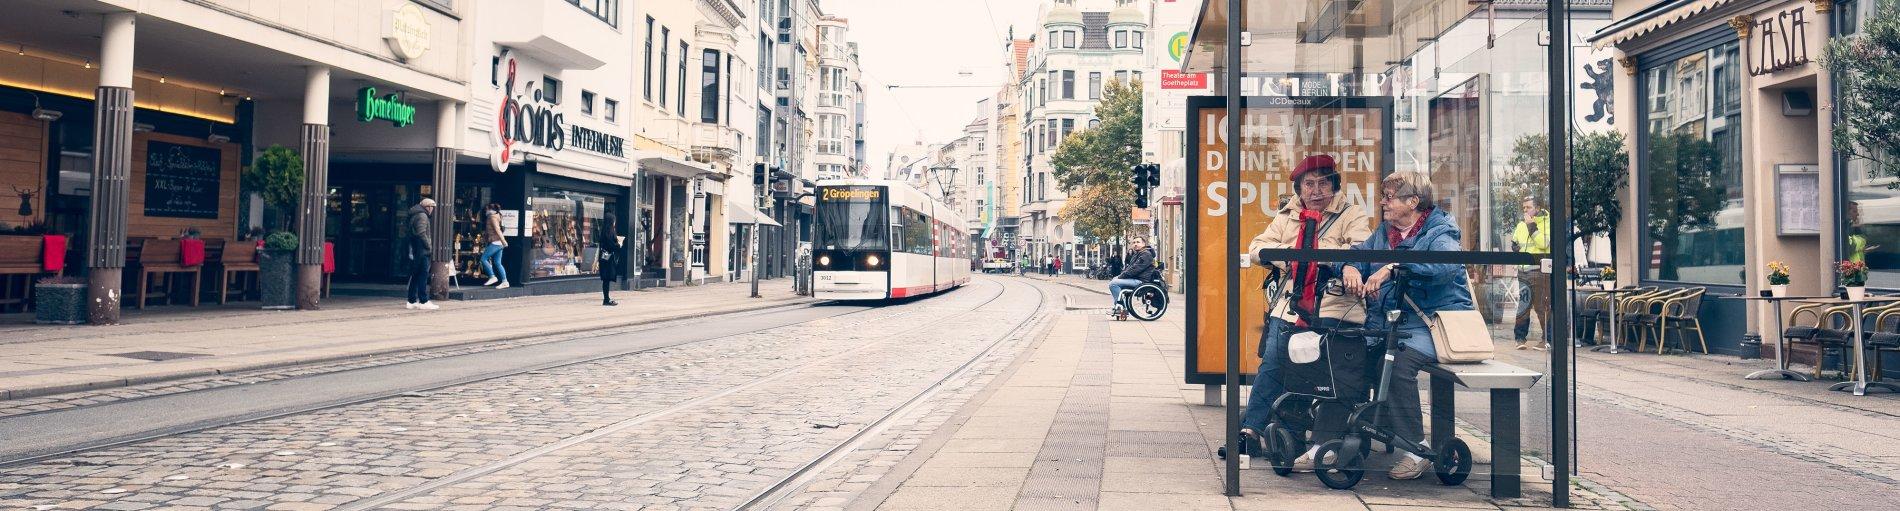 Zwei ältere Damen mit Rollator warten an einer Haltestelle. Eine Straßenbahn fährt vorbei. Im Hintergrund ist ein Mann im Rollstuhl zu sehen.